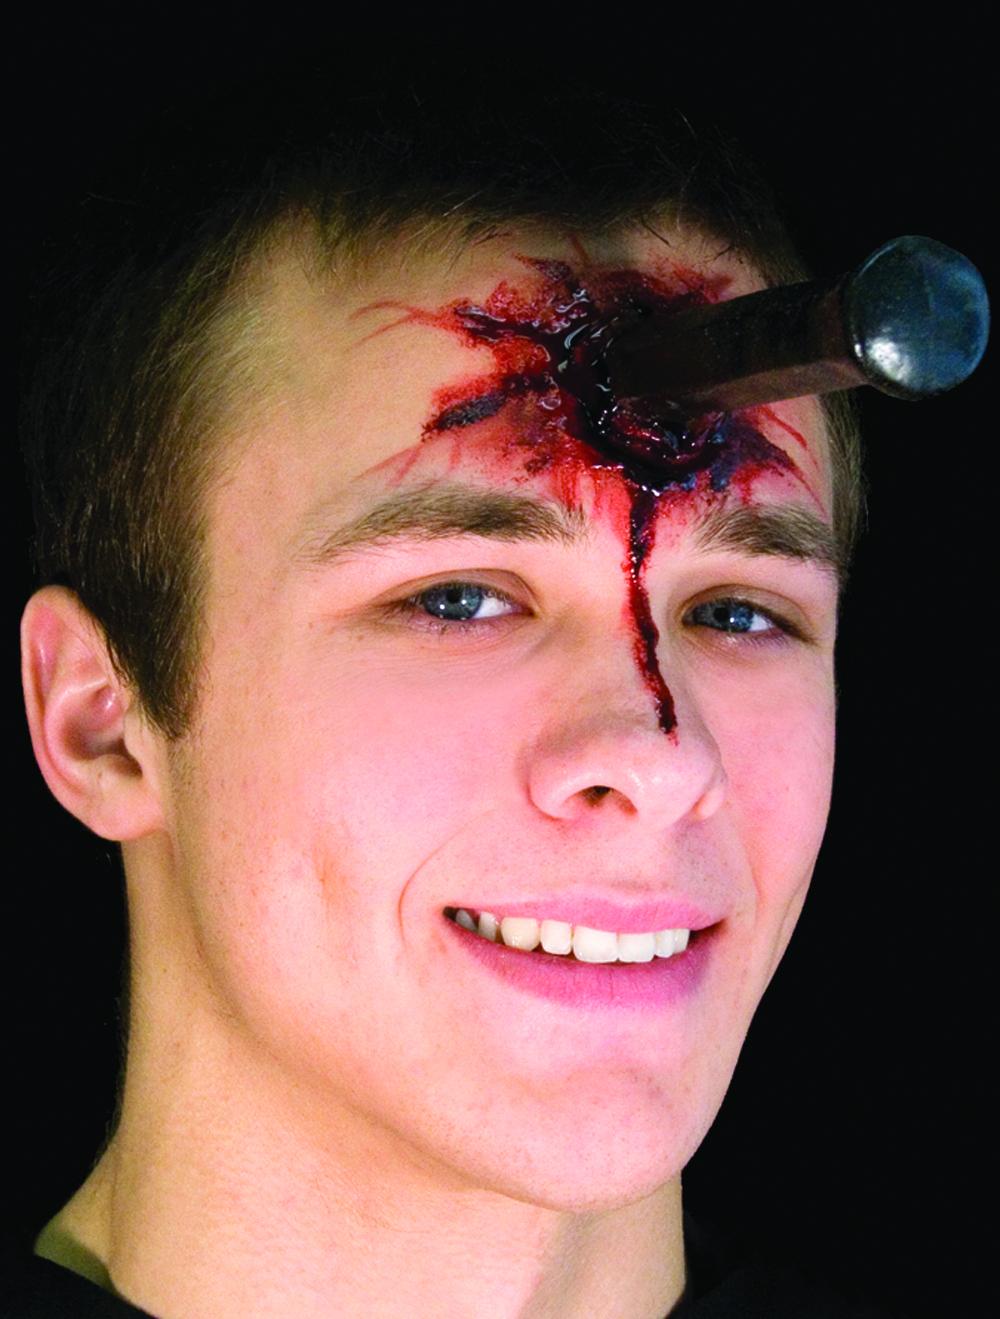 אפקט סכין בראש